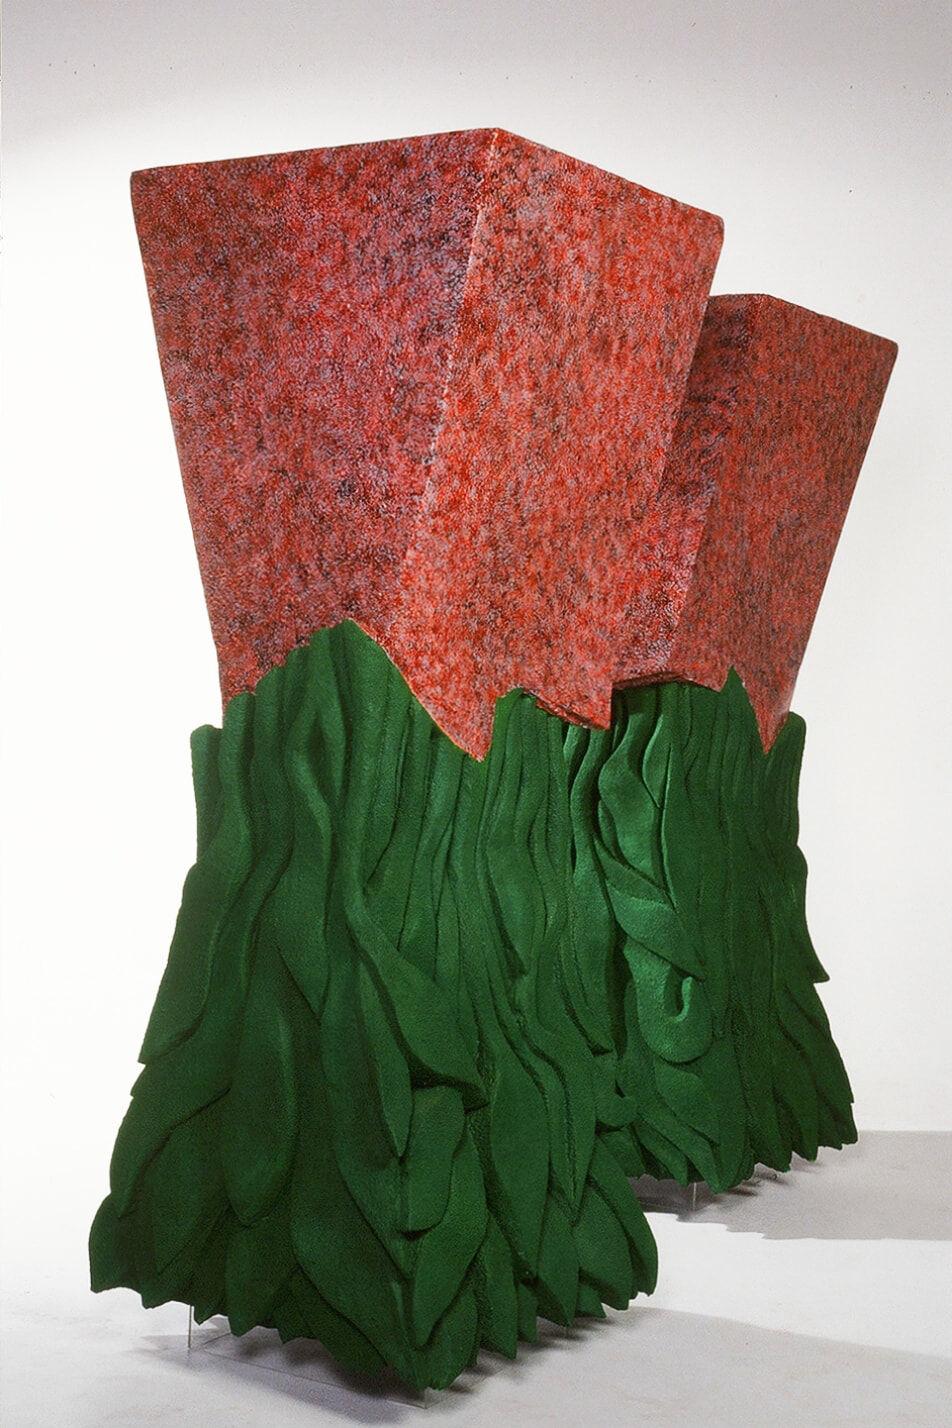 'Mile Posts' Adelaide Biennial 1992